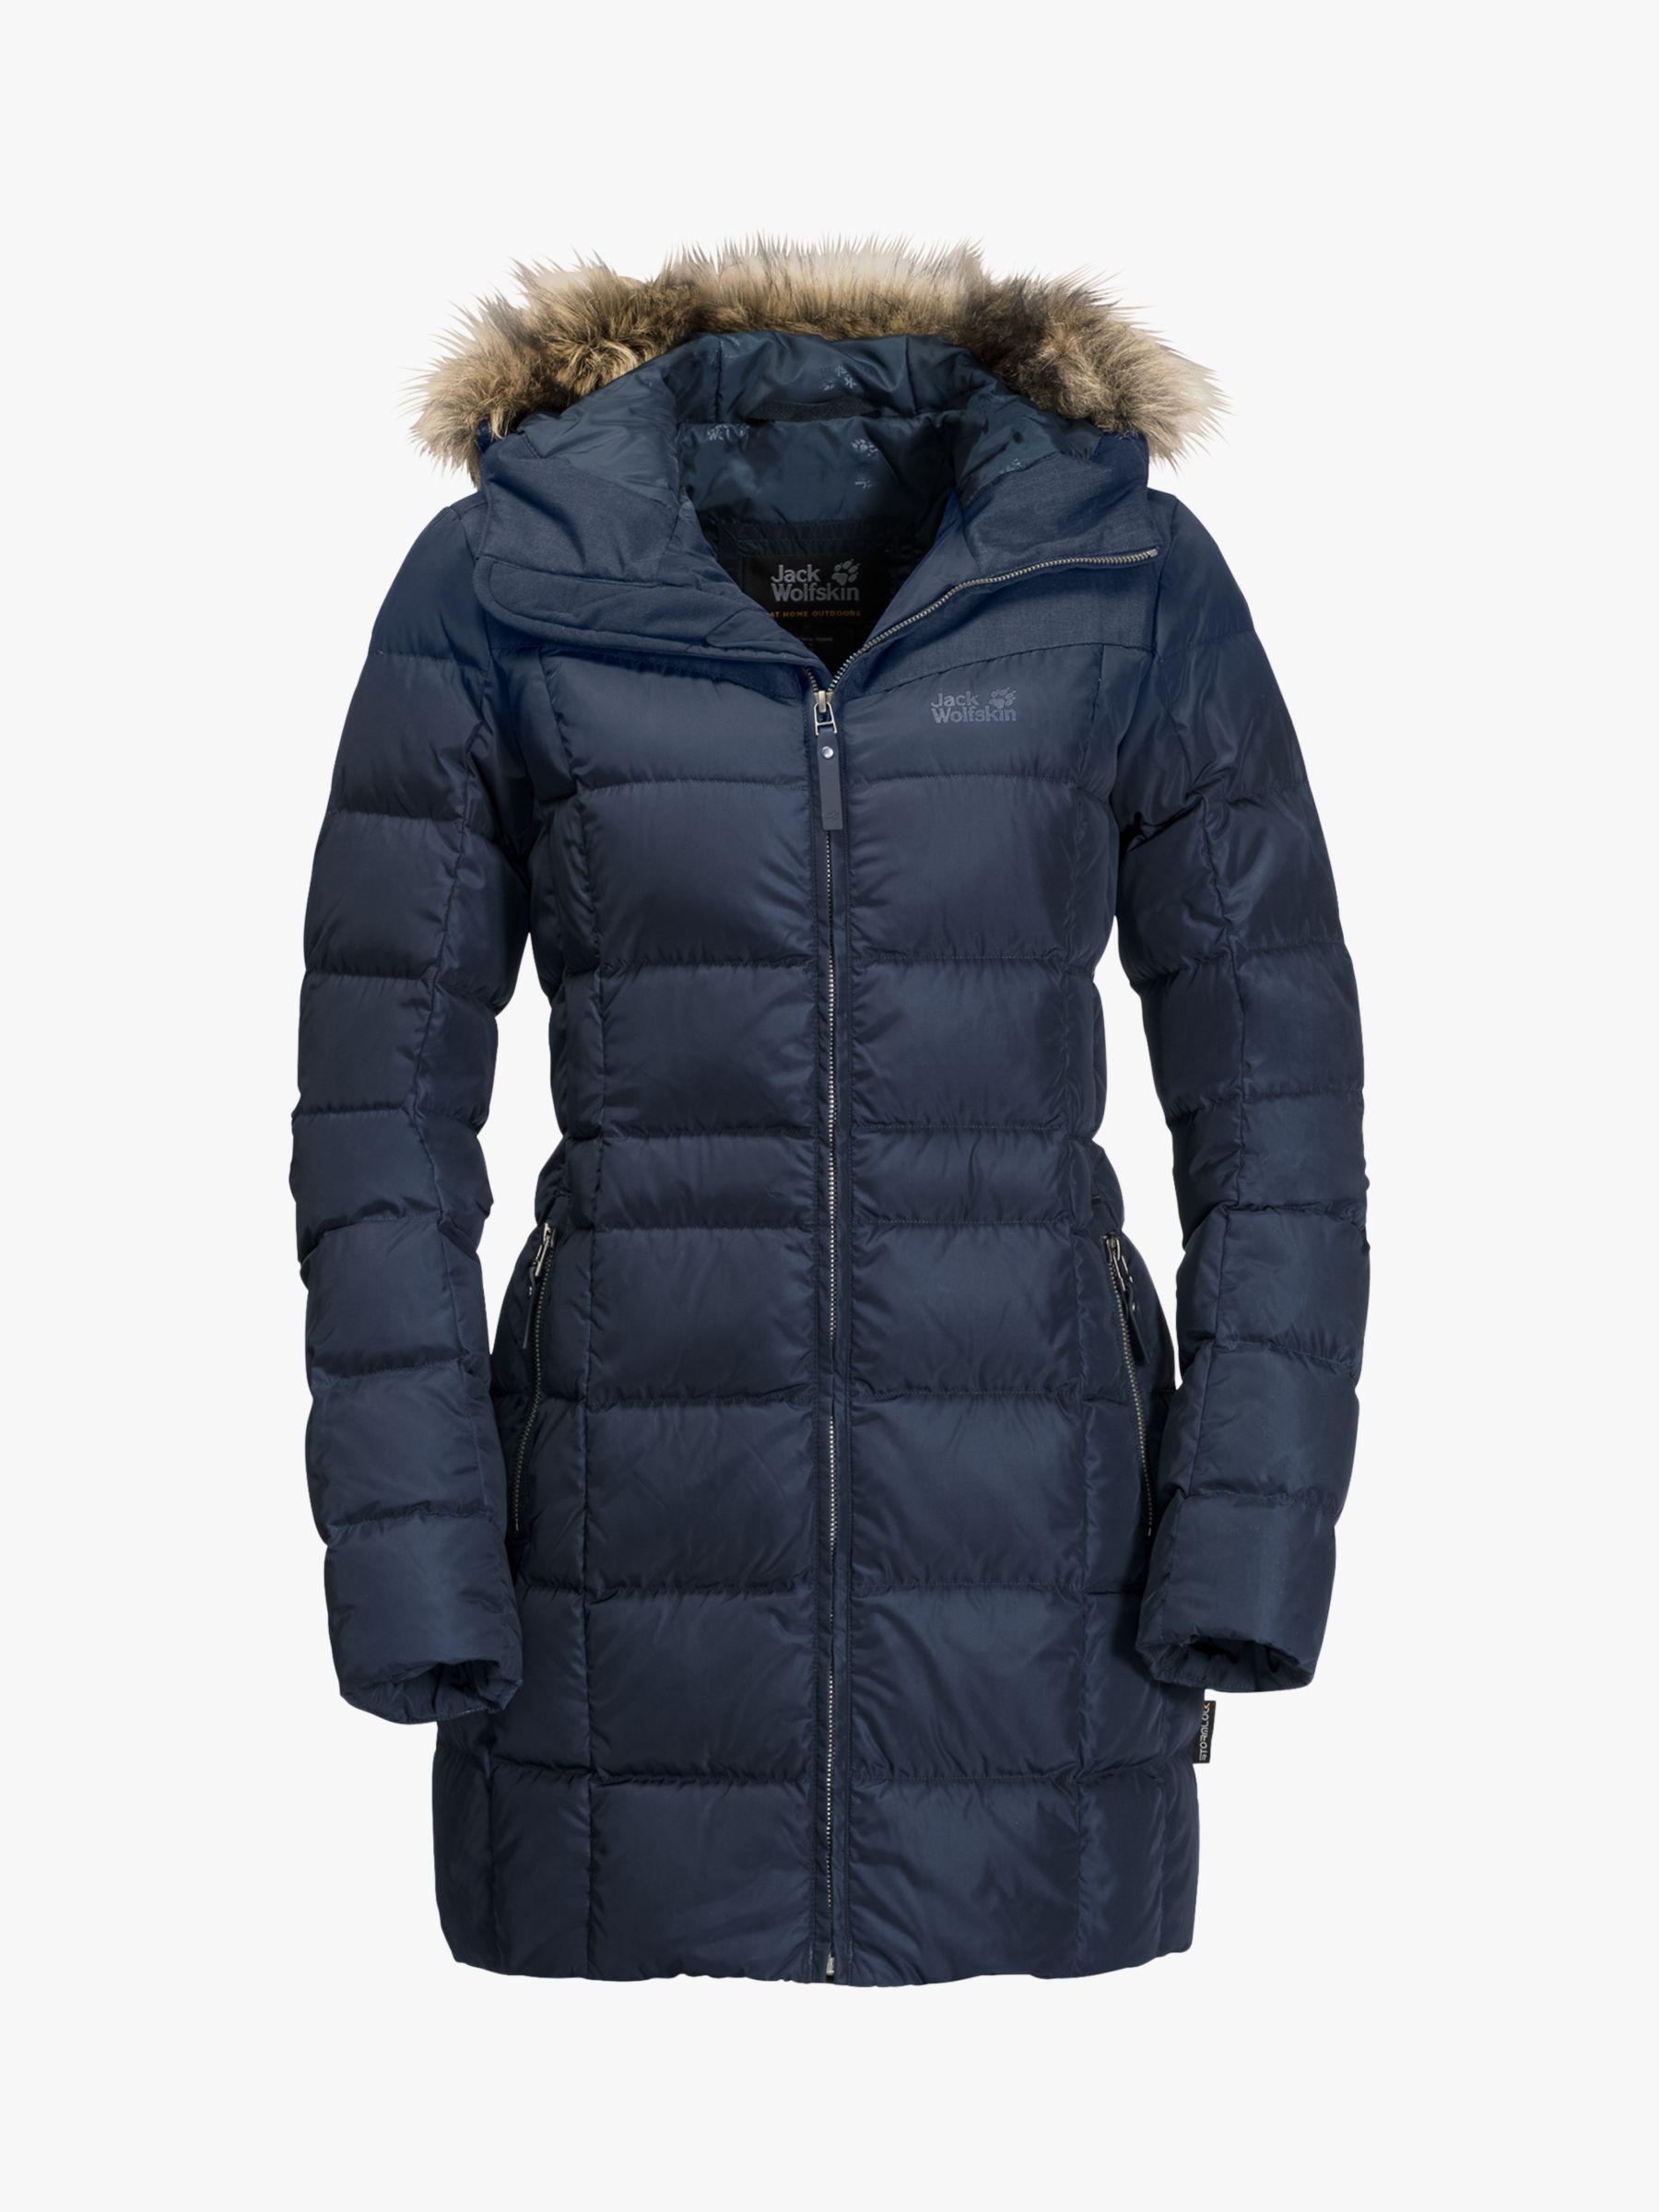 Jack Wolfskin Baffin Island Women's Insulated Coat, Midnight